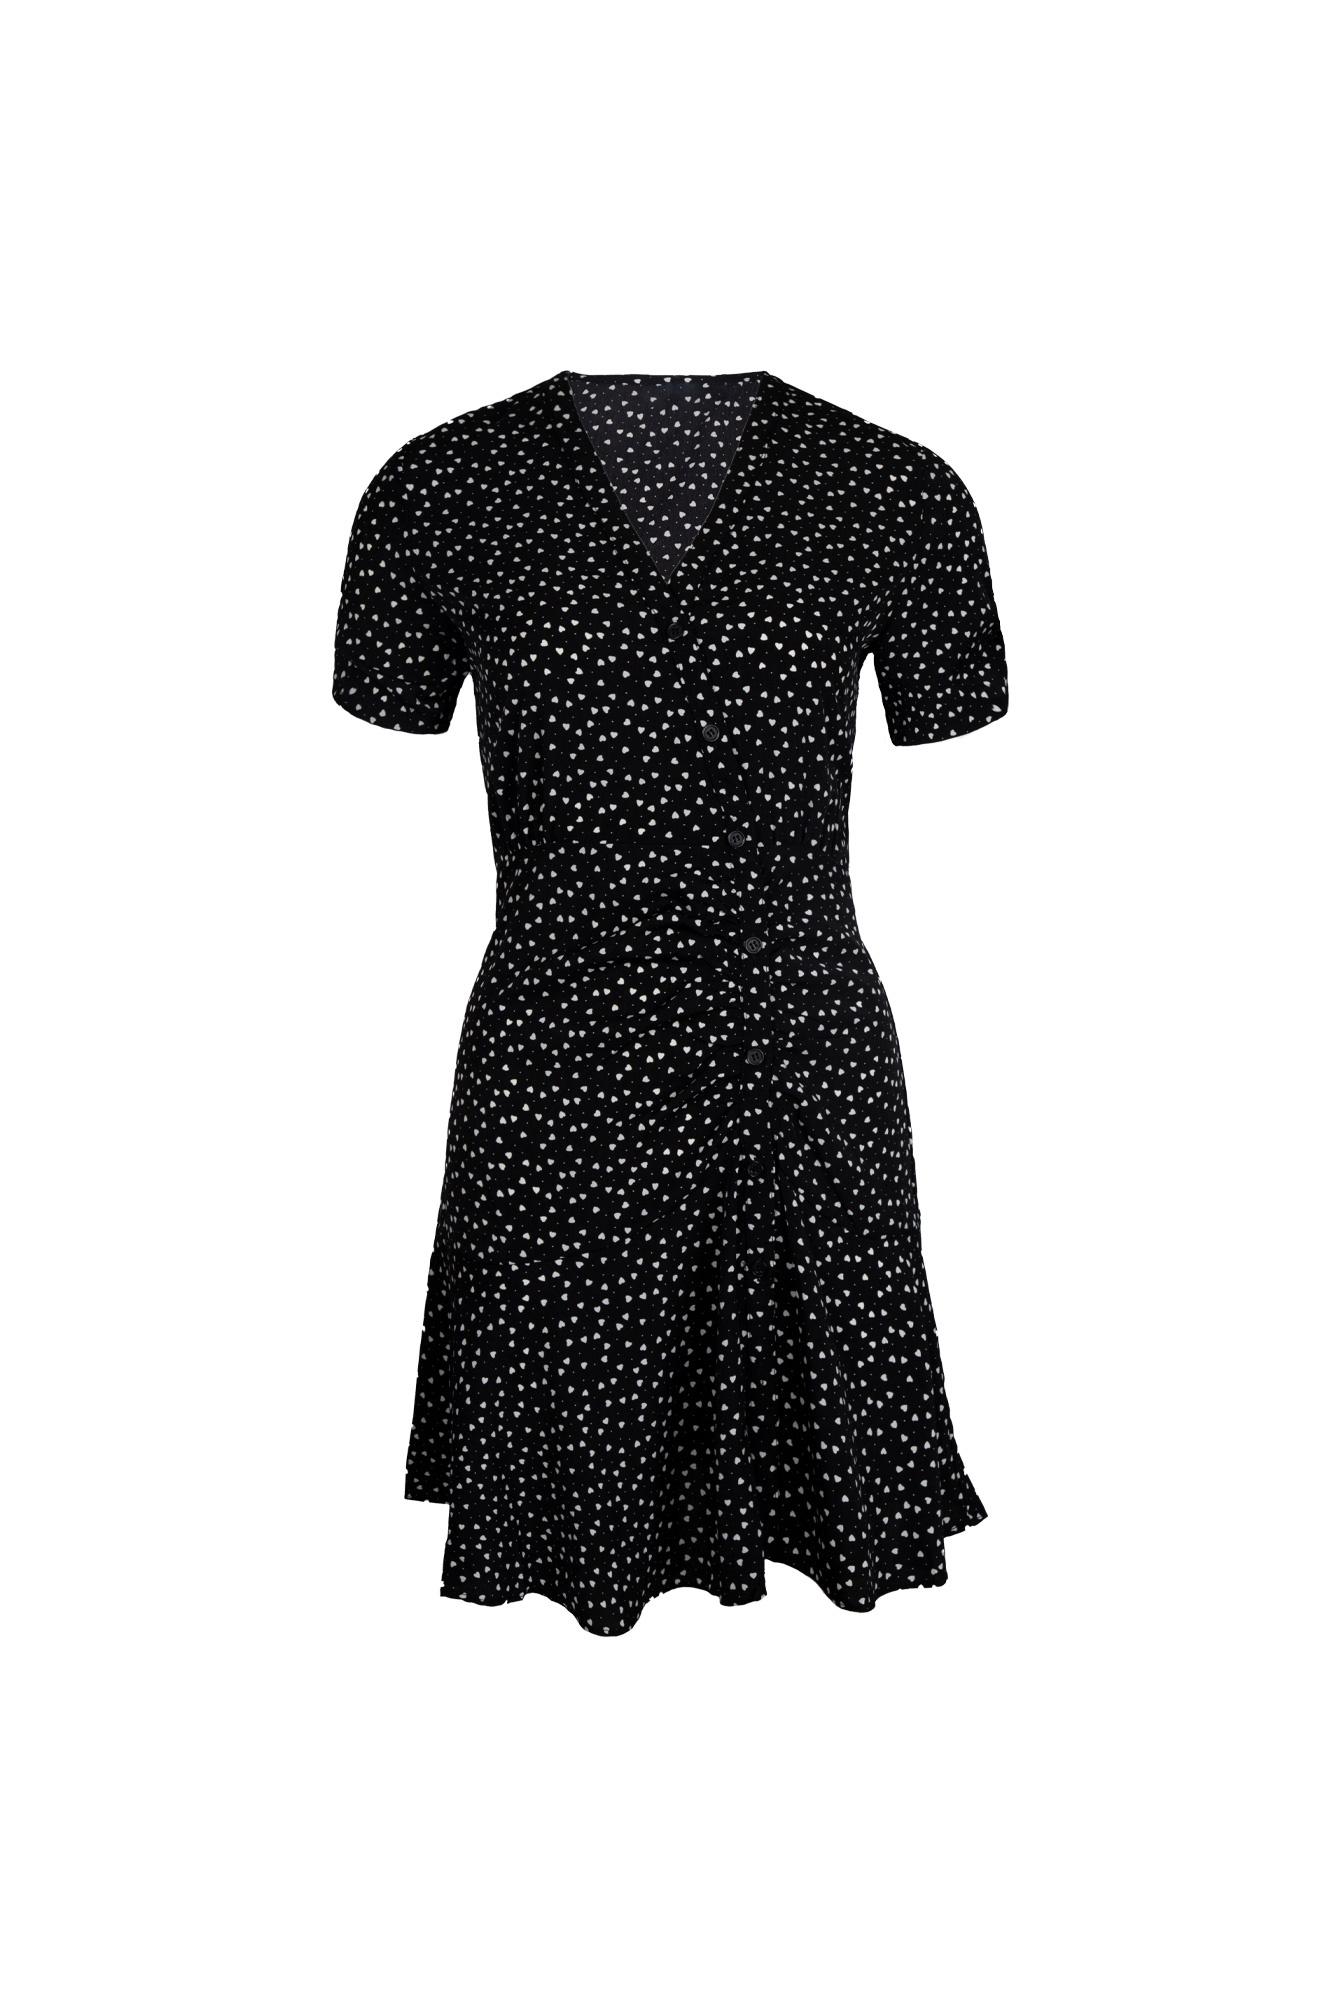 Lover dress Mery black